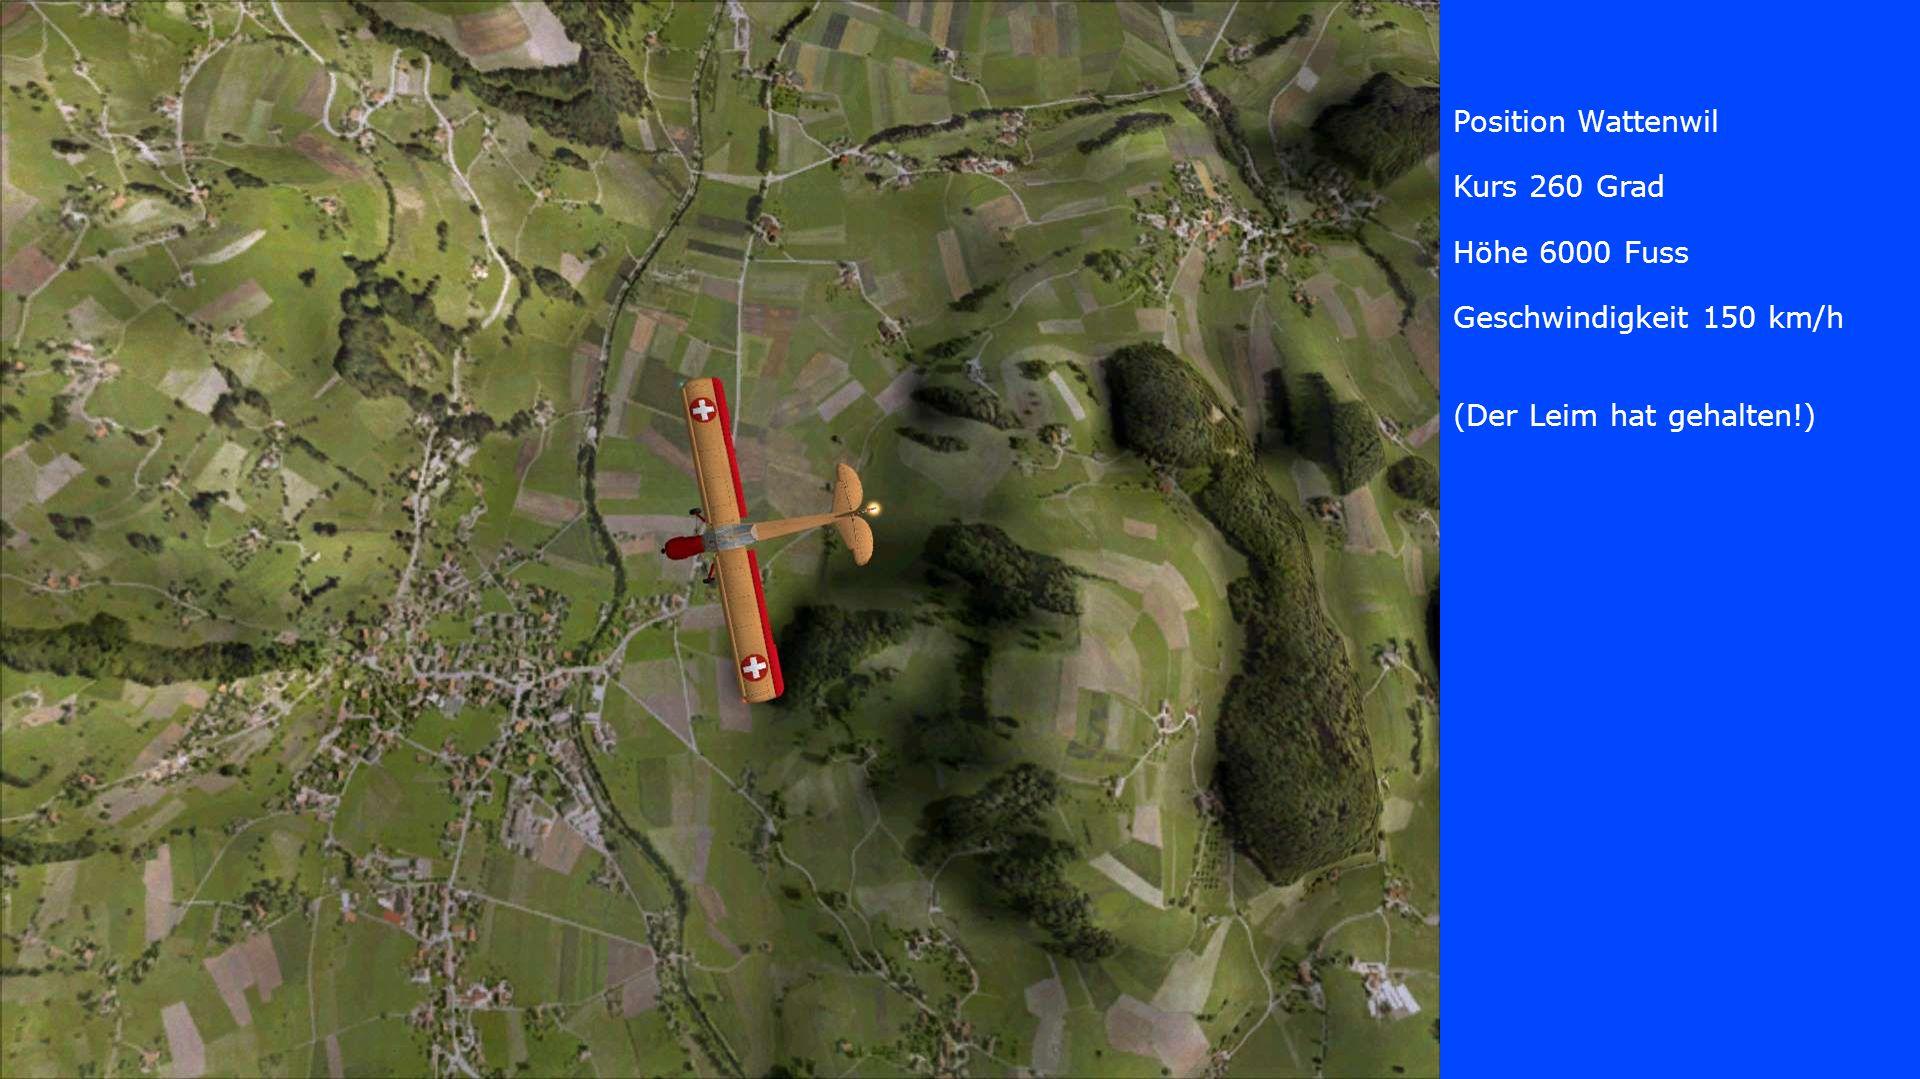 Position Wattenwil Kurs 260 Grad Höhe 6000 Fuss Geschwindigkeit 150 km/h (Der Leim hat gehalten!)